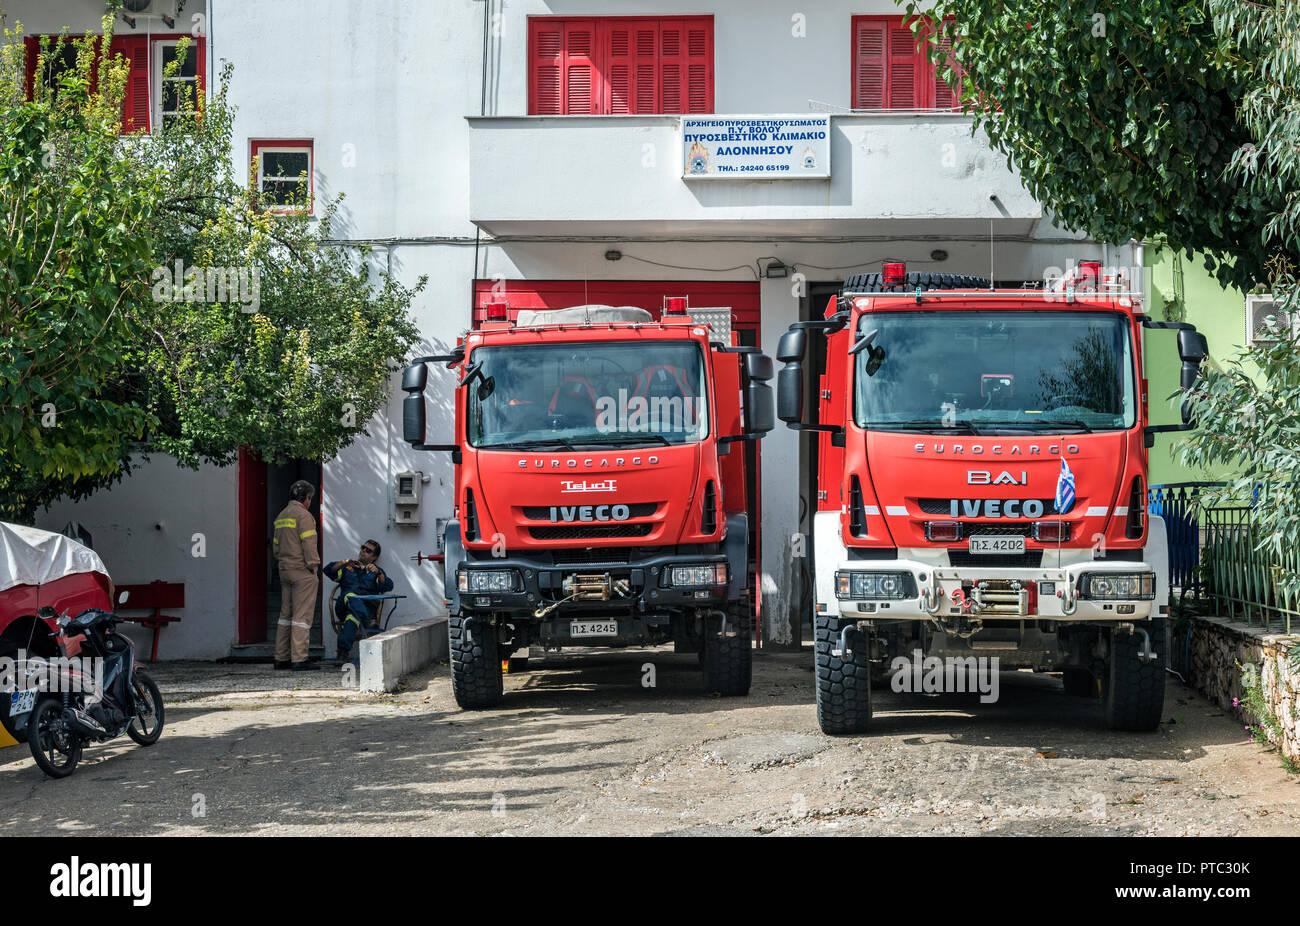 Feuerwache in Patitiri, Alonissos, Nördliche Sporaden Griechenland. Stockfoto